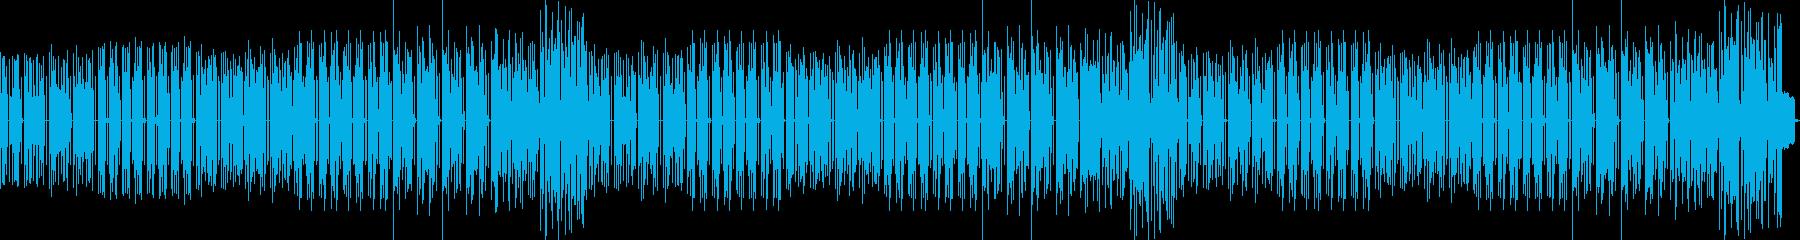 和風、ゲーム・アニメ用ポップ曲。忍ぶ感じの再生済みの波形